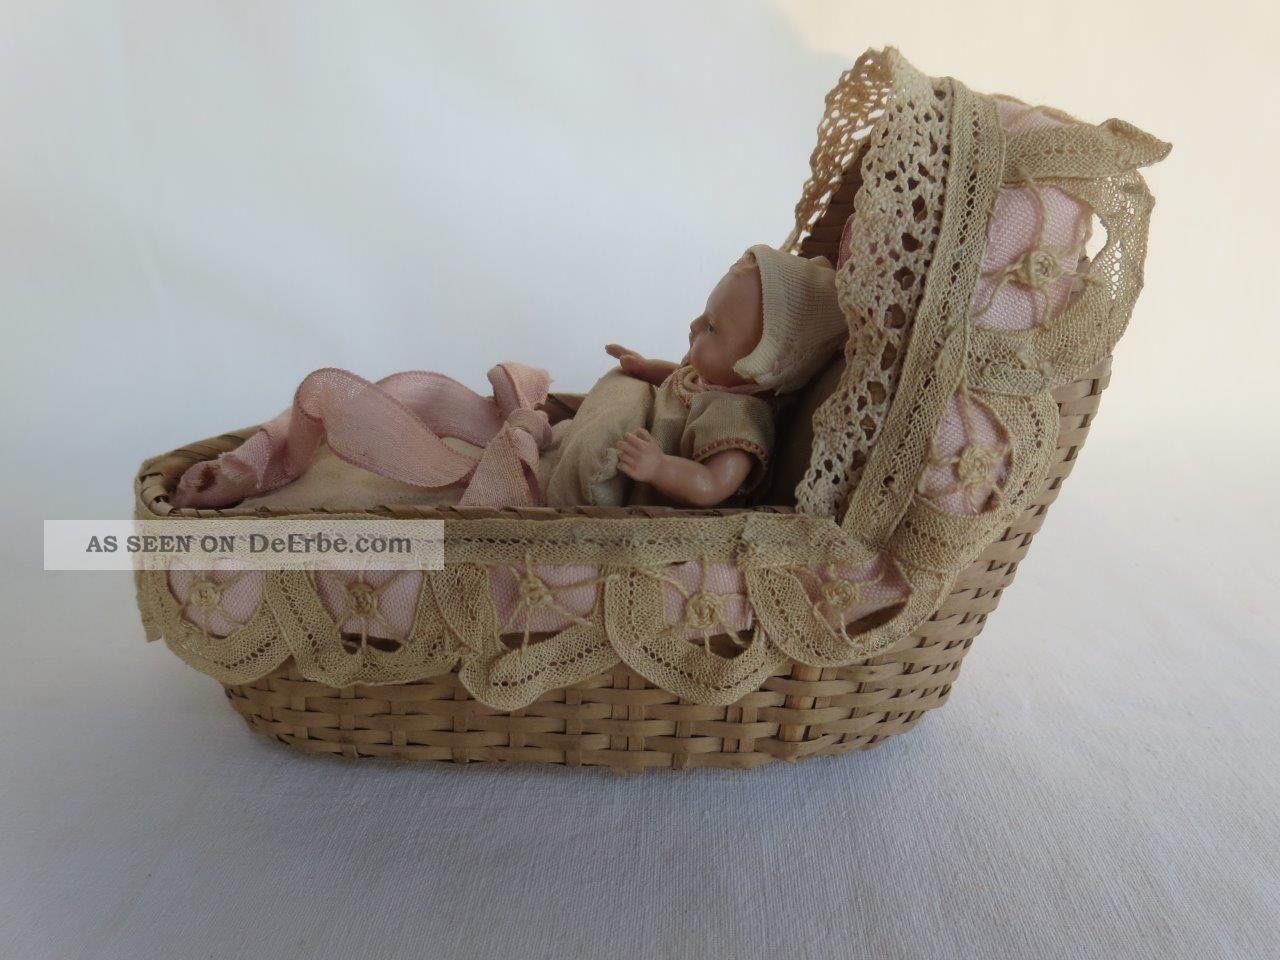 . Uraltes Kleines Puppenkörbchen Mit Minerva 8 1/2 Celluloid Puppe,  Zusta Original, gefertigt vor 1970 Bild